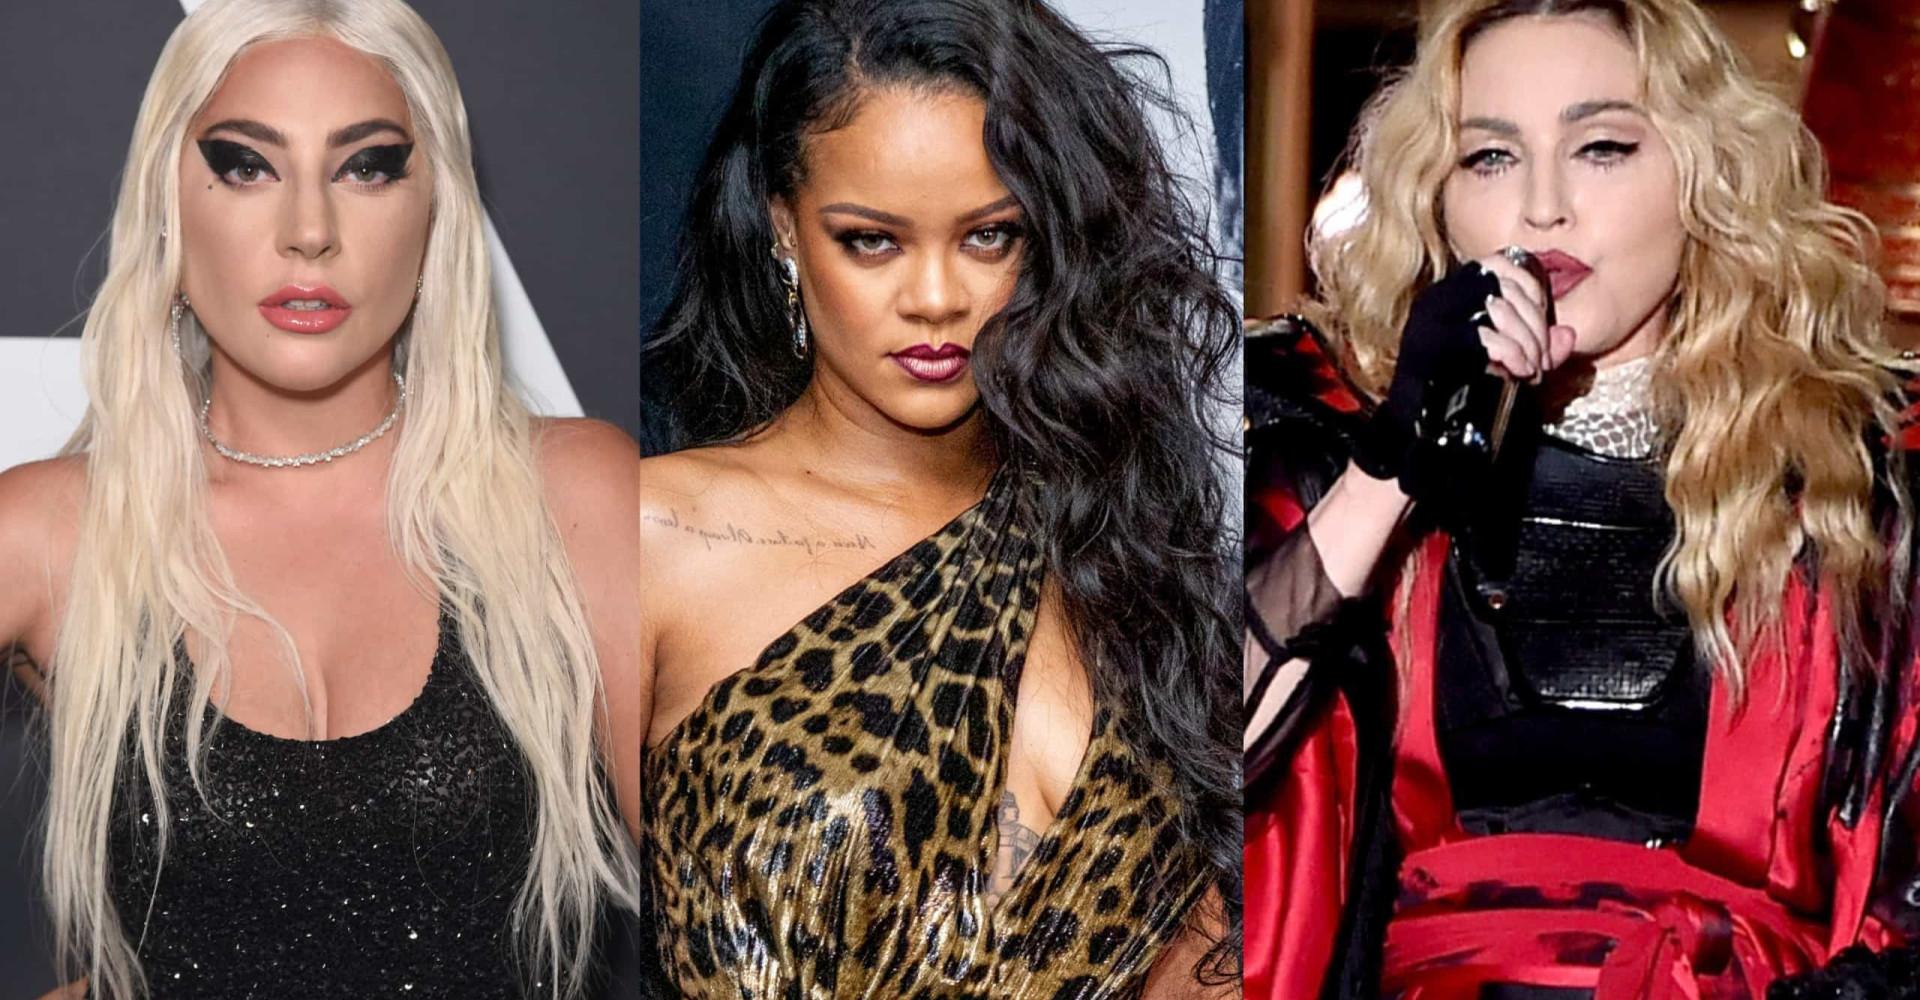 Rihanna, Cher ja Bruno Mars: Tähtilaulajat, jotka vihaavat omia biisejään